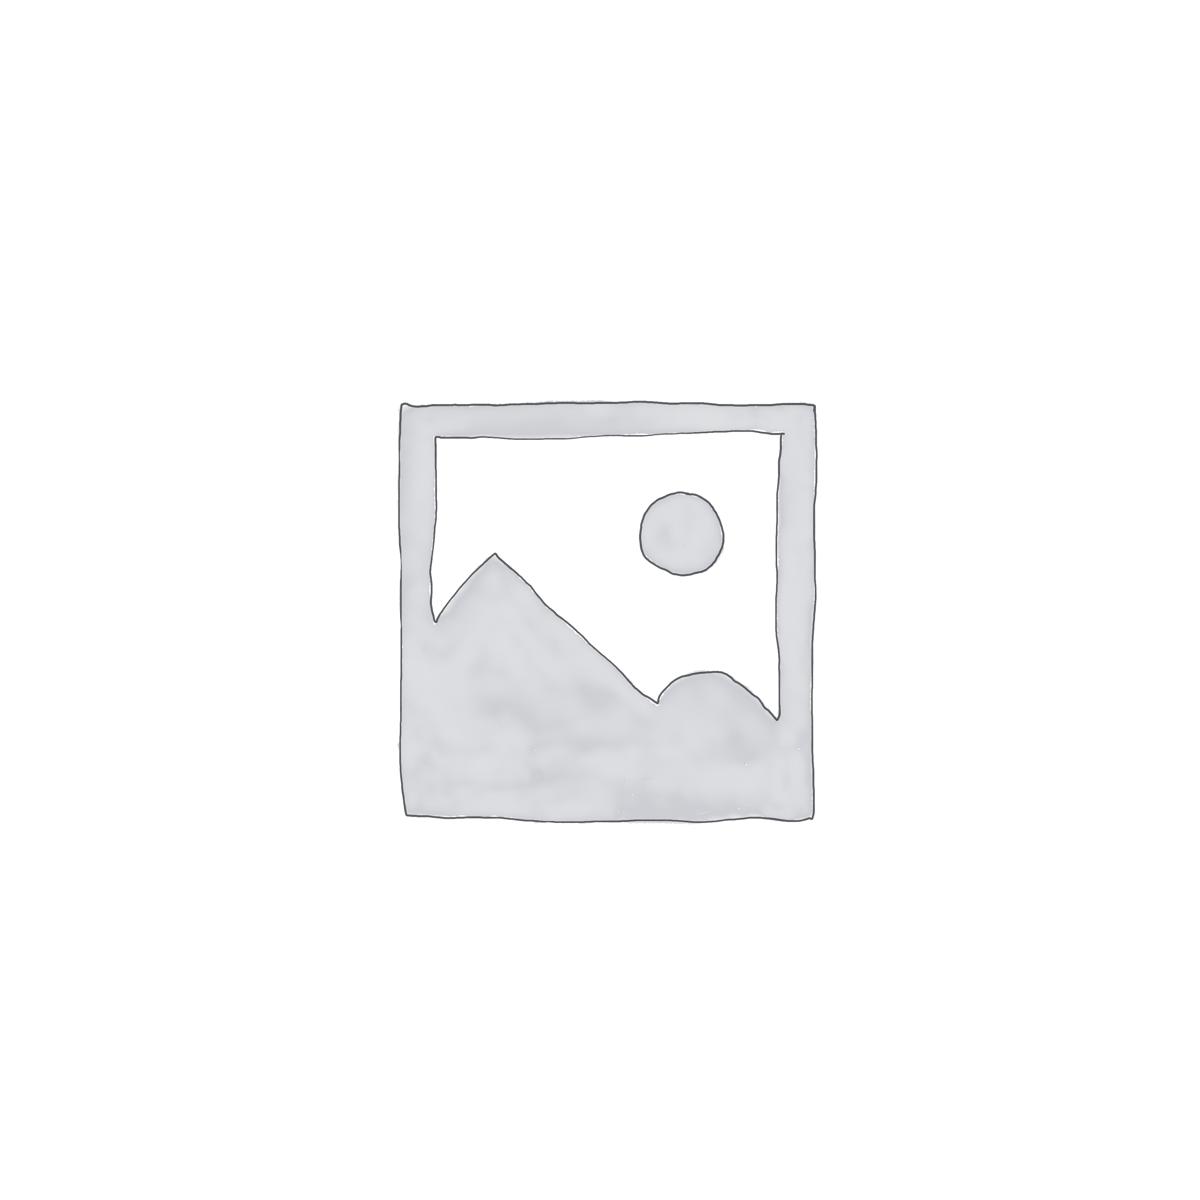 Dark Rose Floral Bouqet Wallpaper Mural